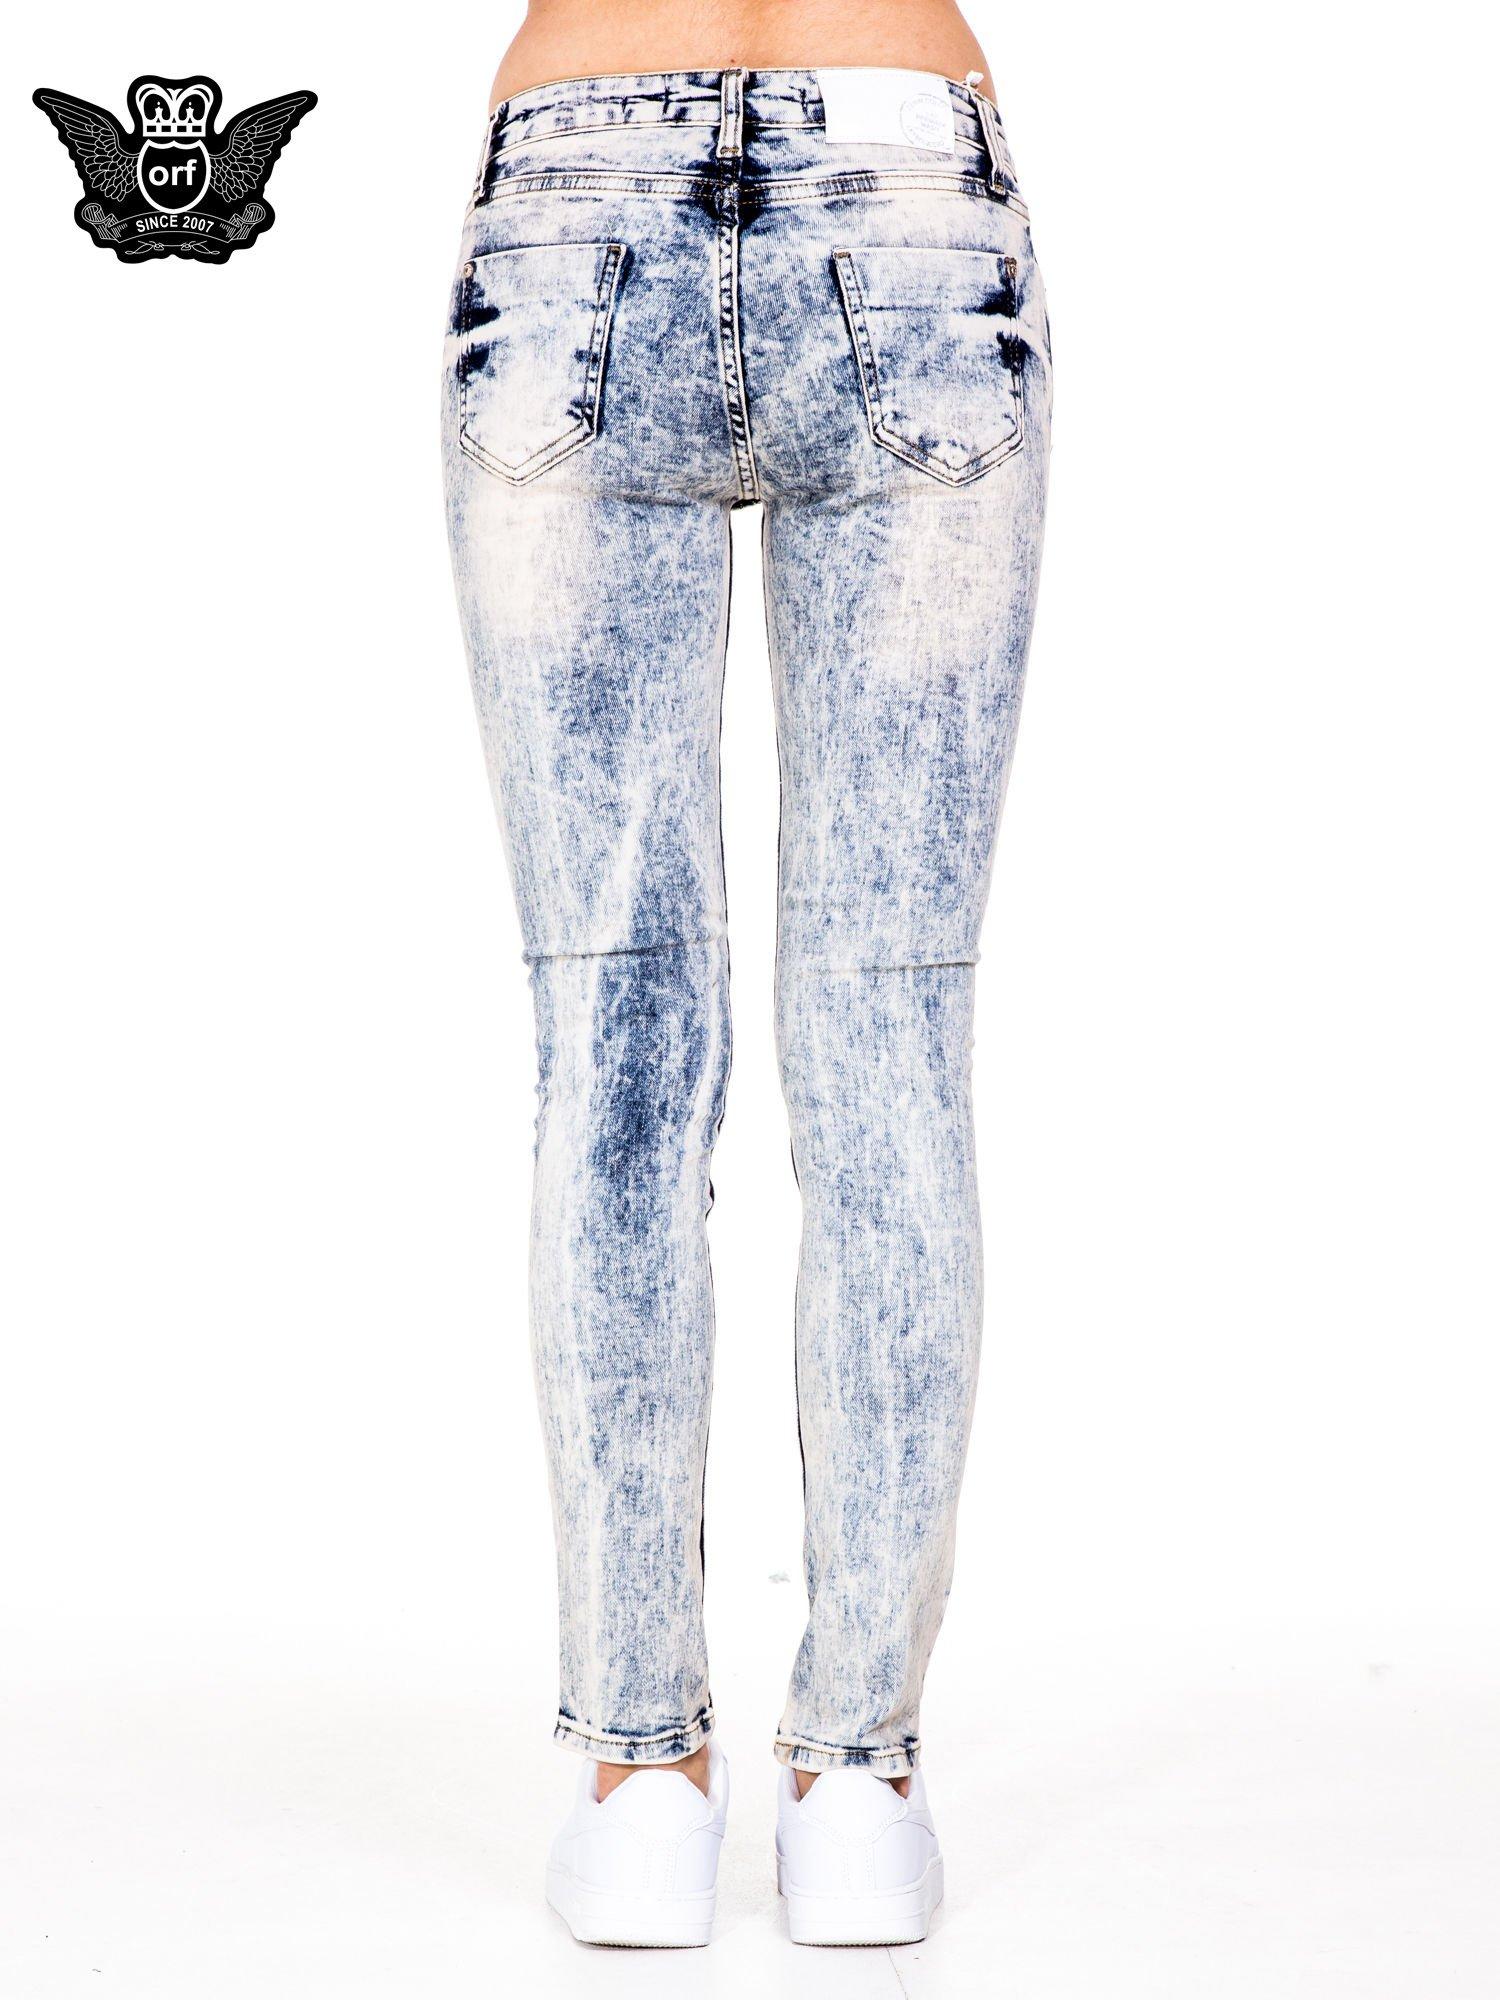 Jasnoniebieskie spodnie jeansowe rurki z dekatyzowaniem i rozdarciami                                  zdj.                                  5